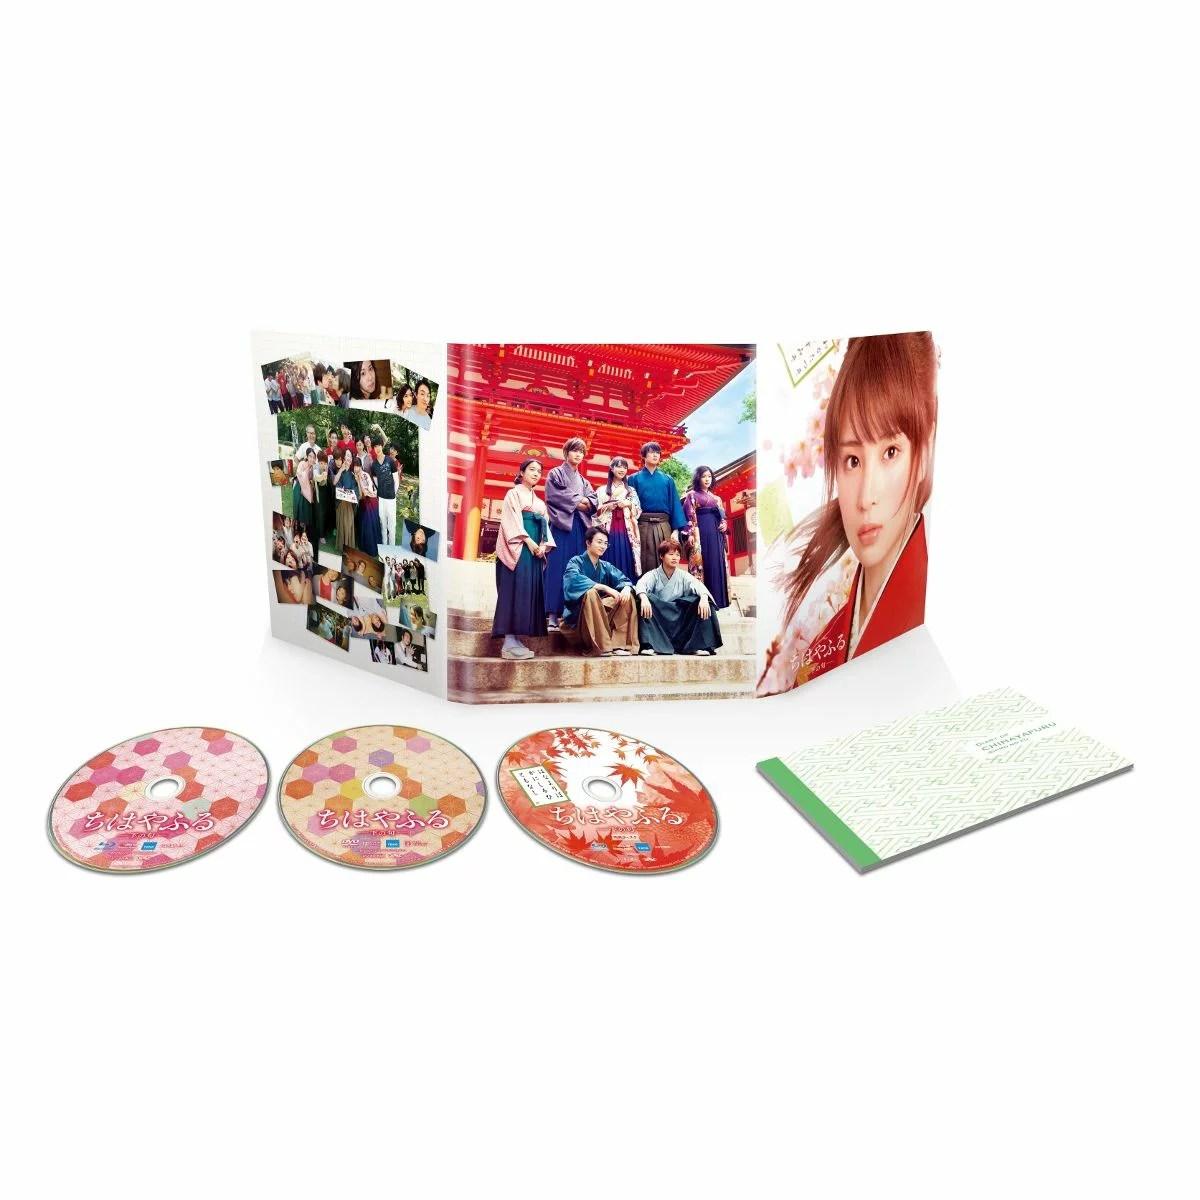 ちはやふる -下の句ー 豪華版 Blu-ray&DVD セット(特典Blu-ray付 3 枚組)【Blu-ray】 [ 広瀬すず ]